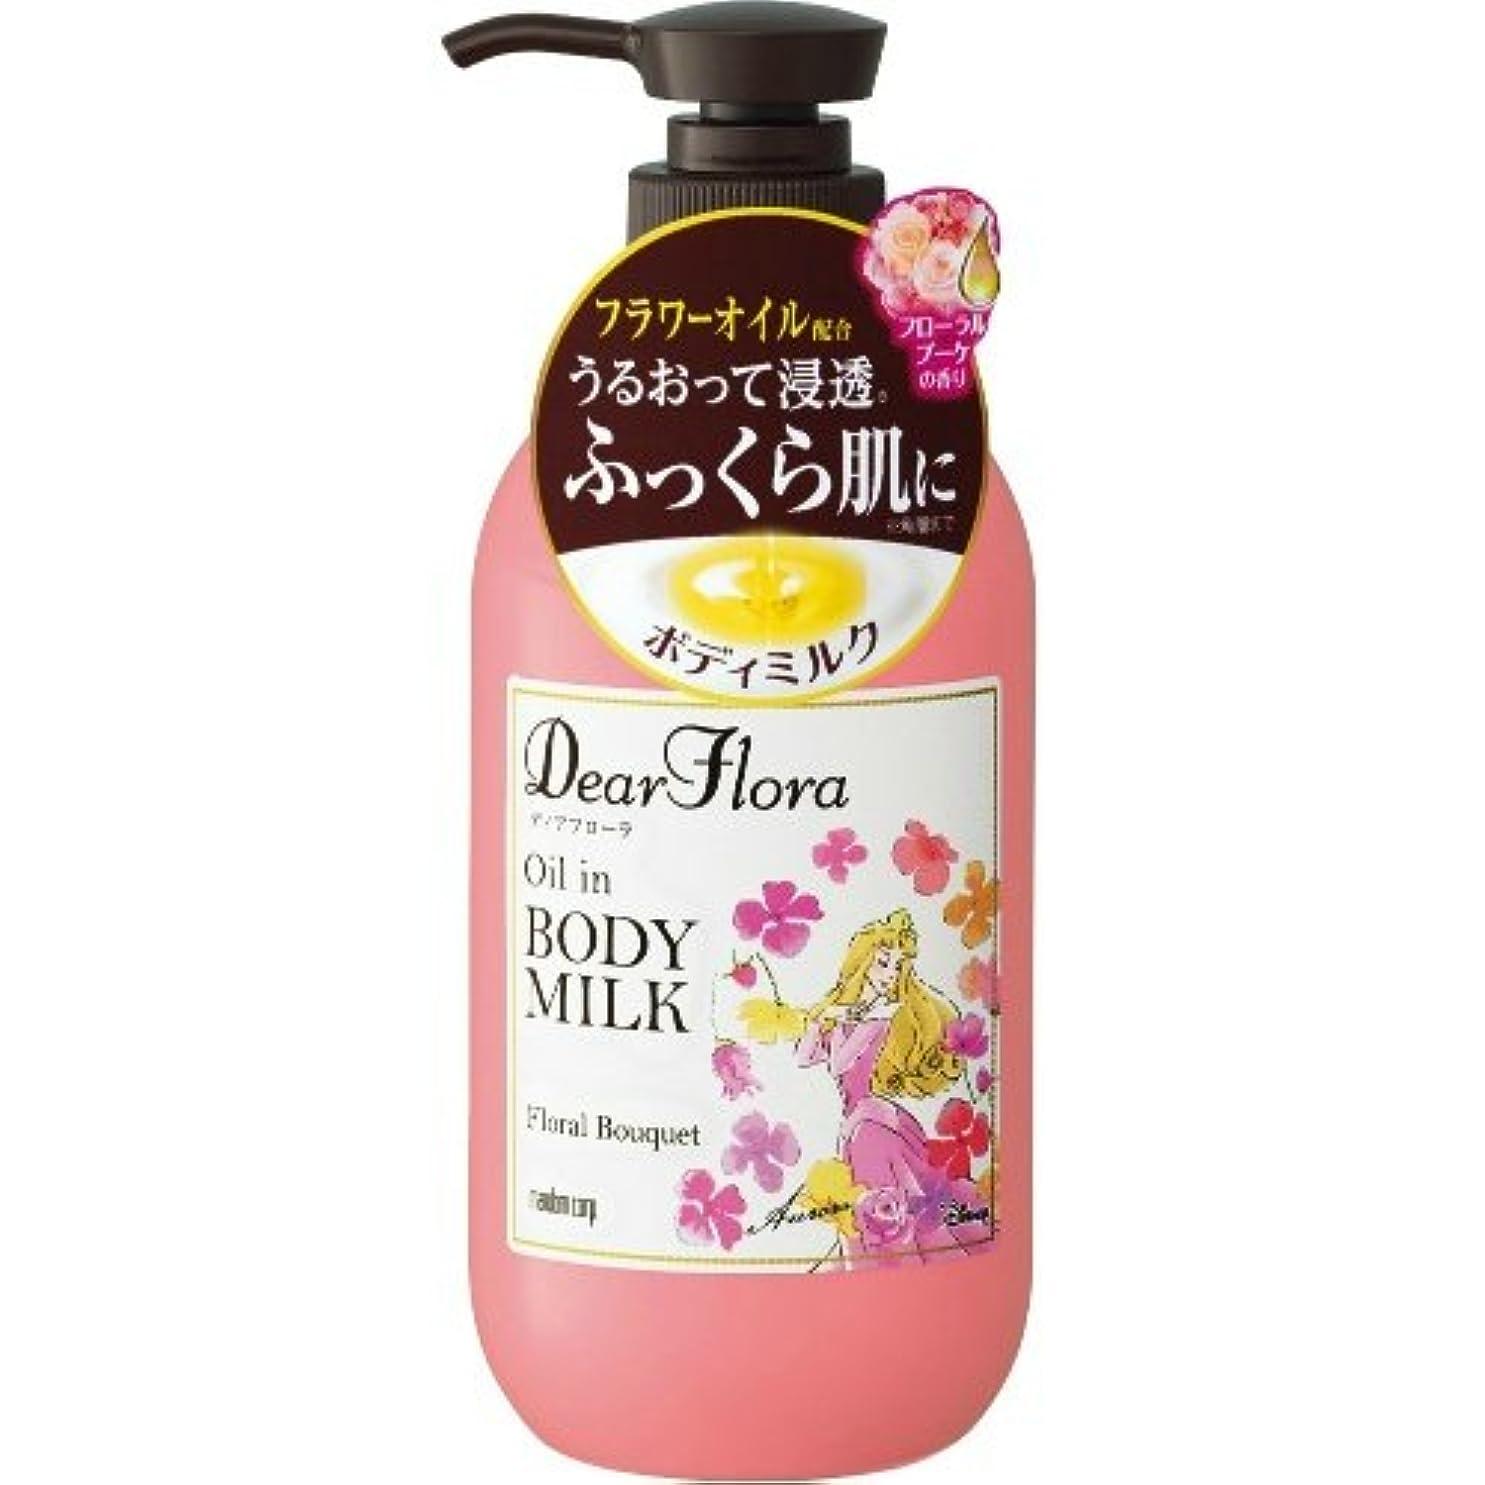 展示会スラッシュ変動するMANDOM マンダム ディアフローラ オイルインボディミルク フローラルブーケの香り 240ml ×024点セット(4902806105414)